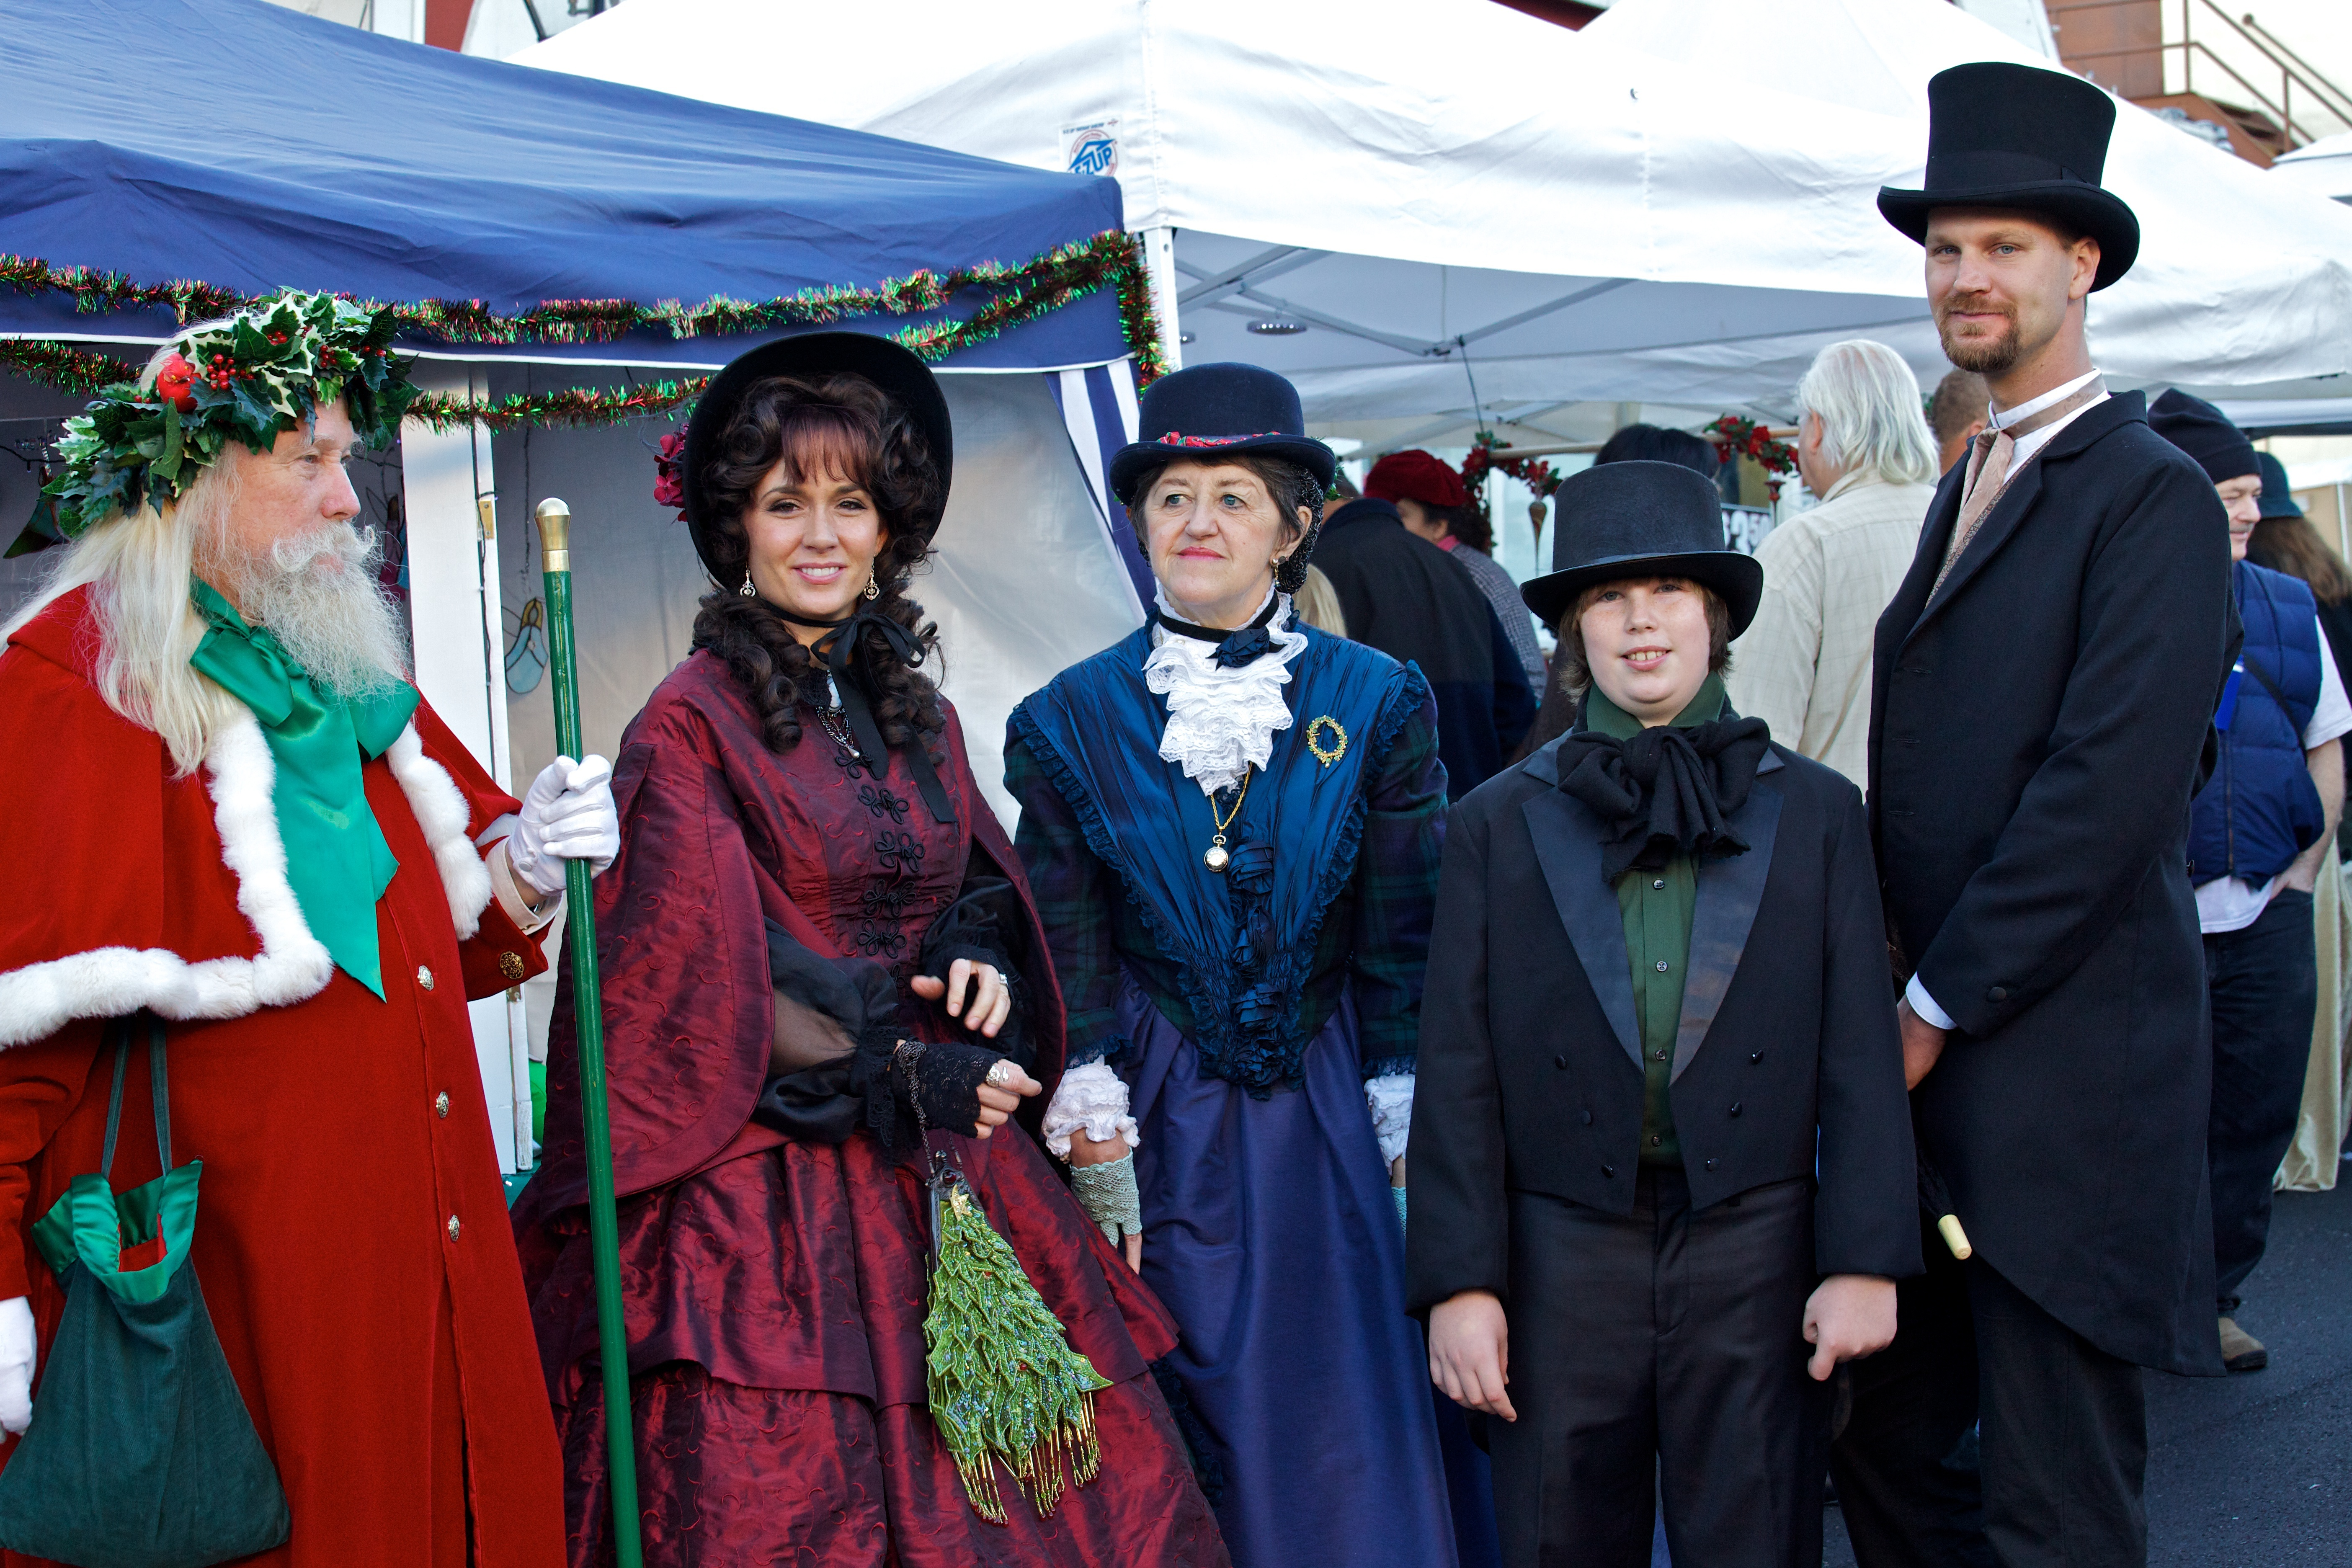 Victorian Christmas: Yuletide cheer in Nevada City : Sierra ...